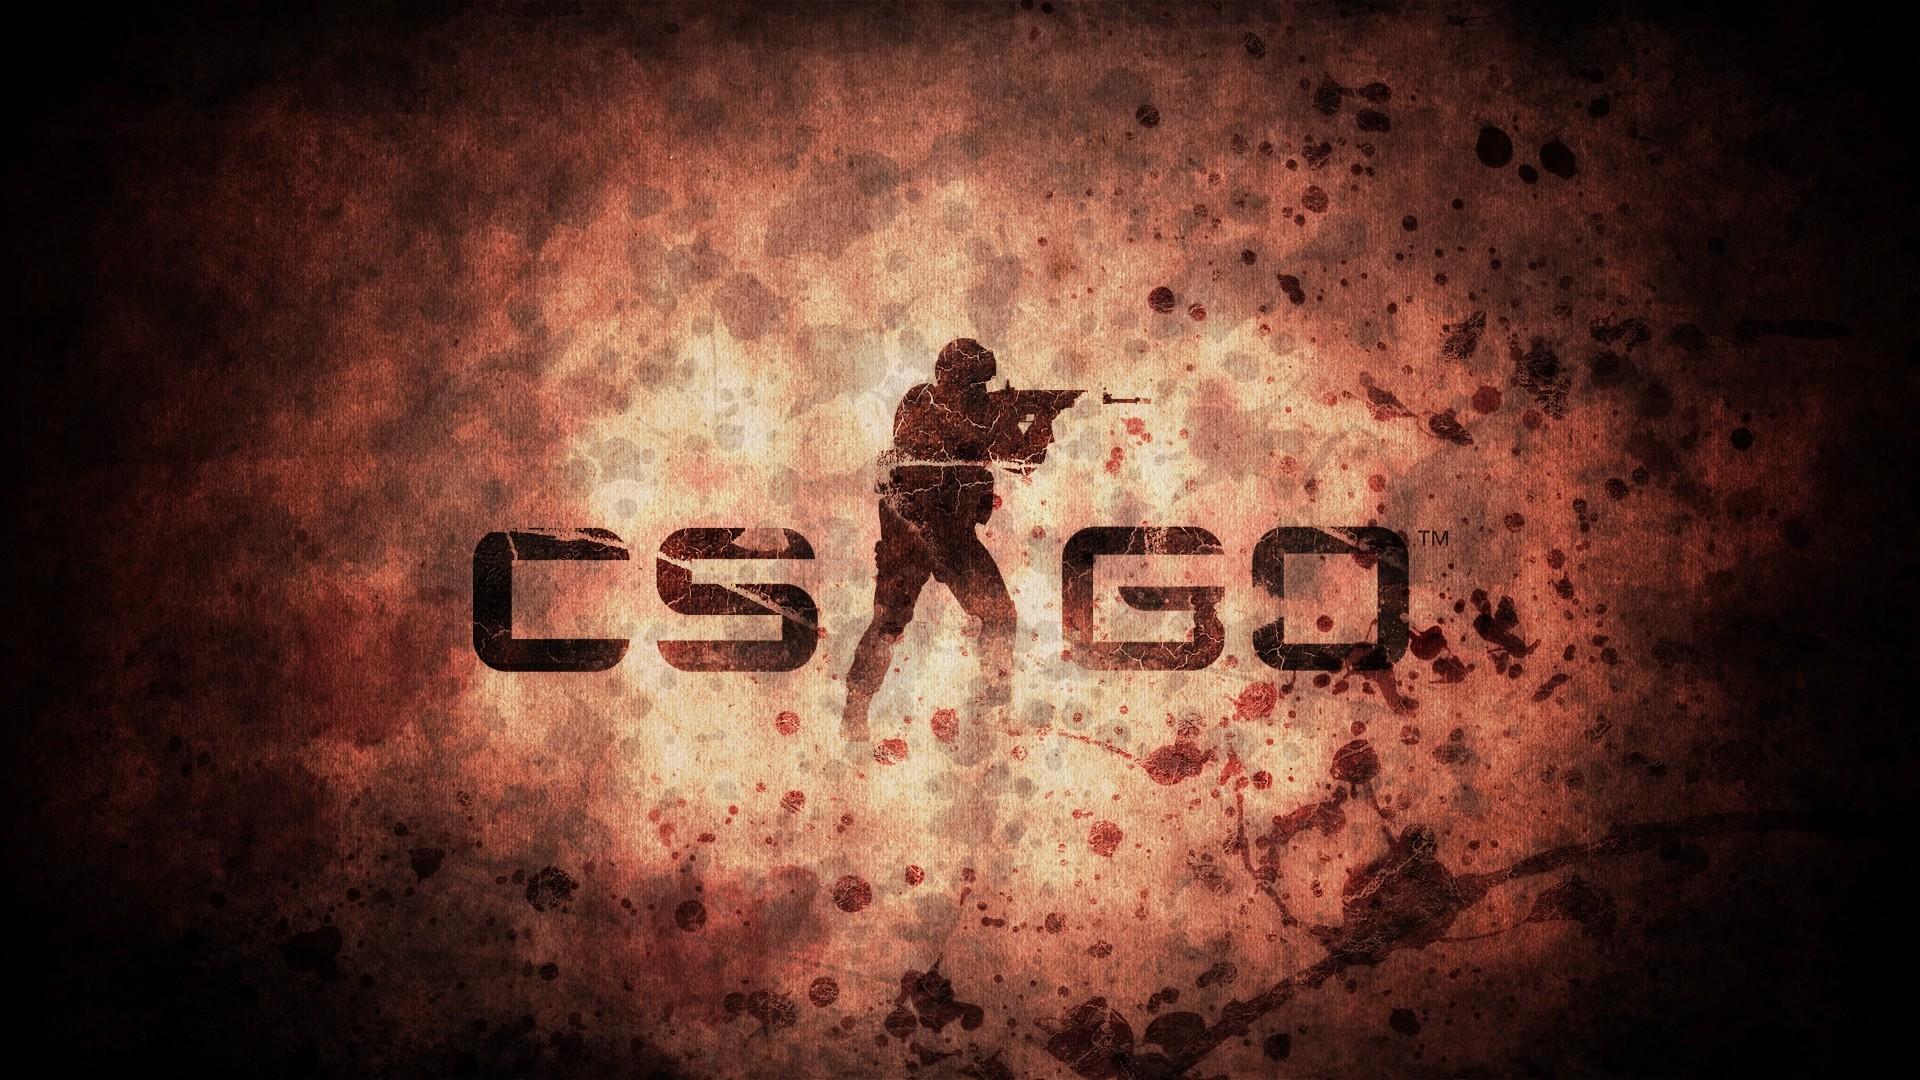 CS:GO Wallpaper 01